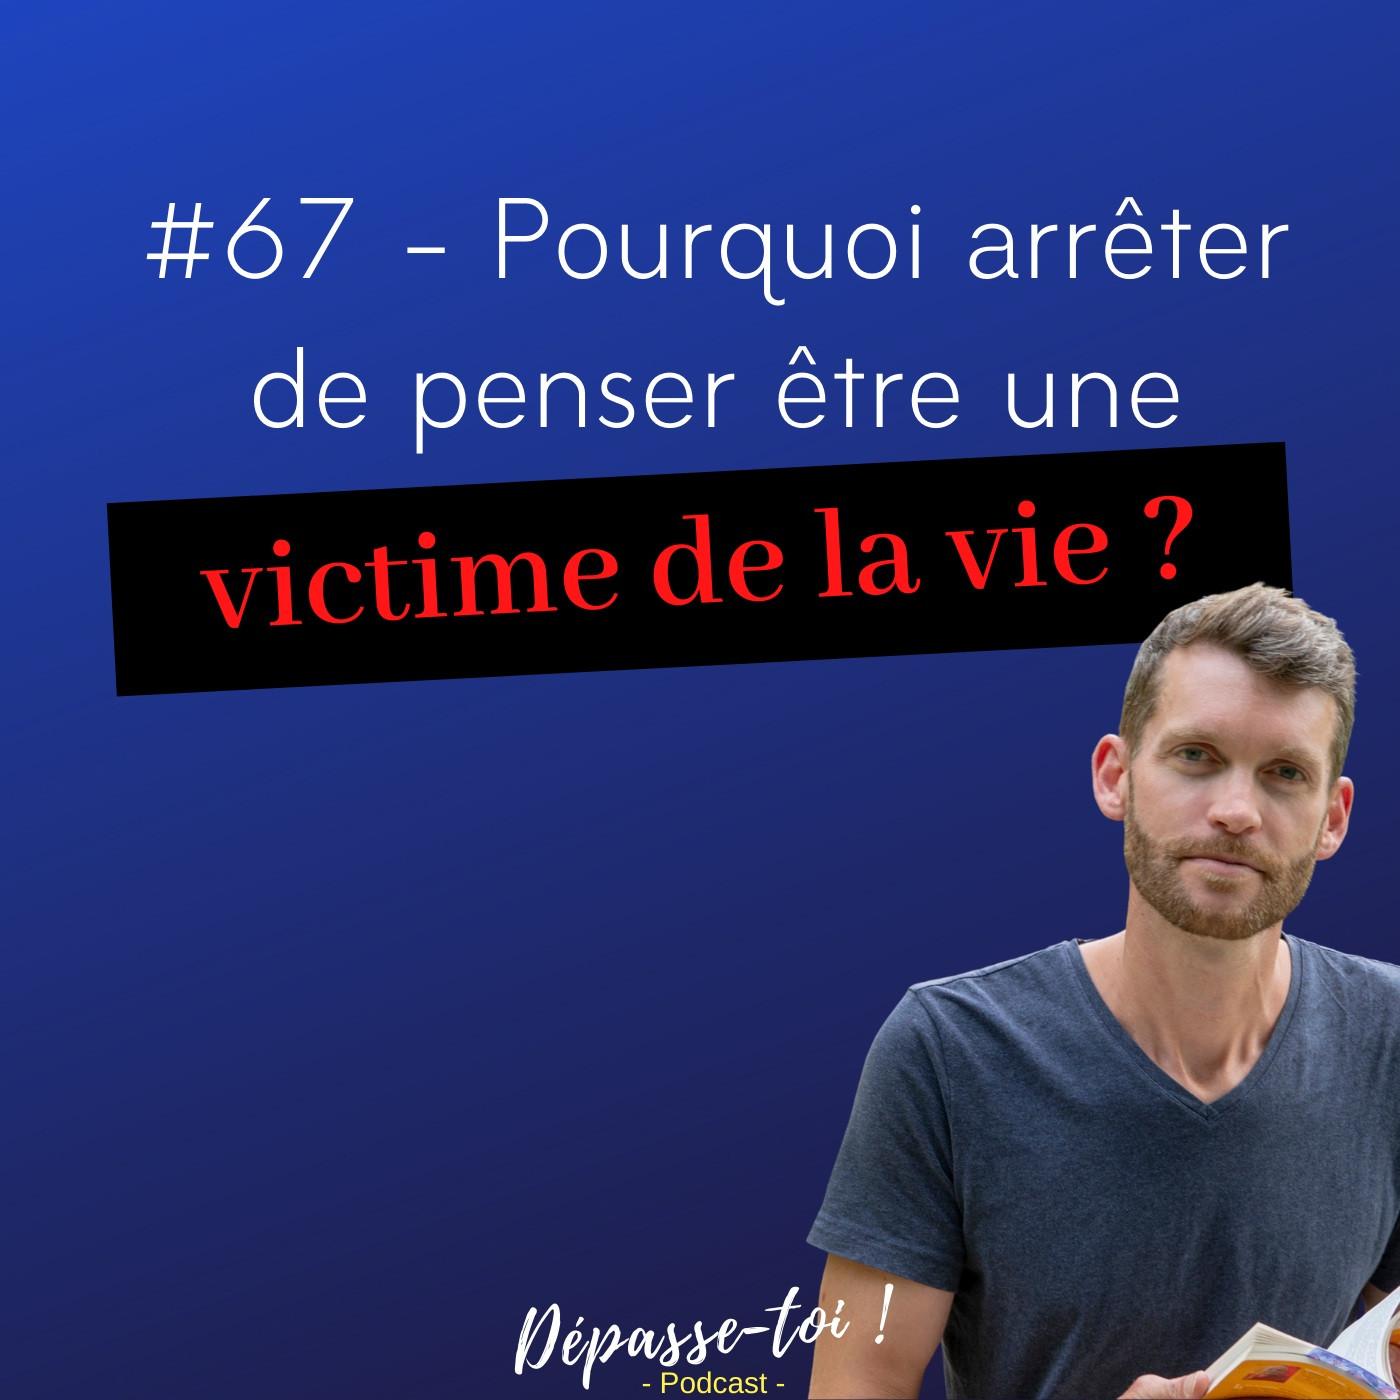 #67 -  Pourquoi arrêter de penser être une victime de la vie ?